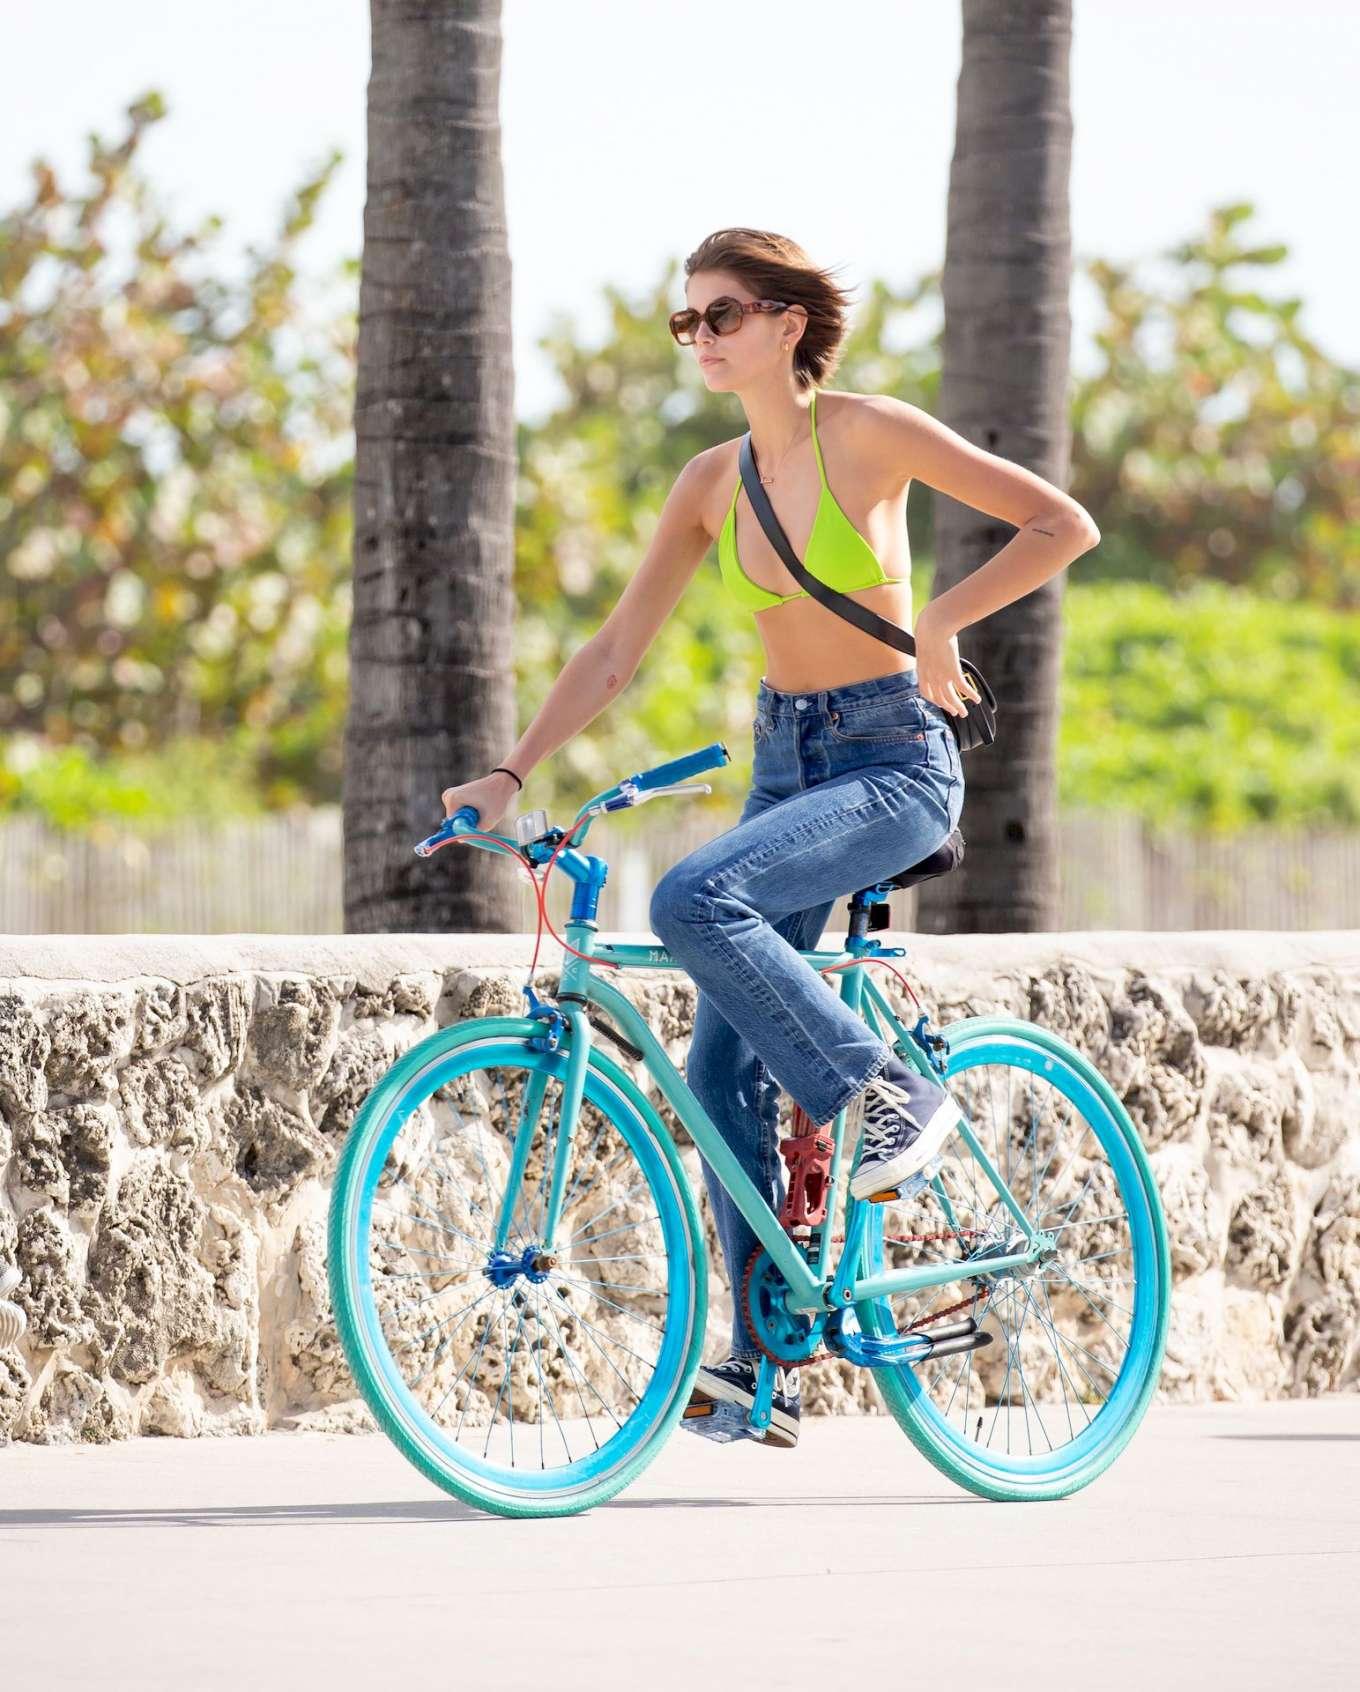 Kaia Gerber 2020 : Kaia Gerber in Bikini Top – Bike Riding in Miami-02